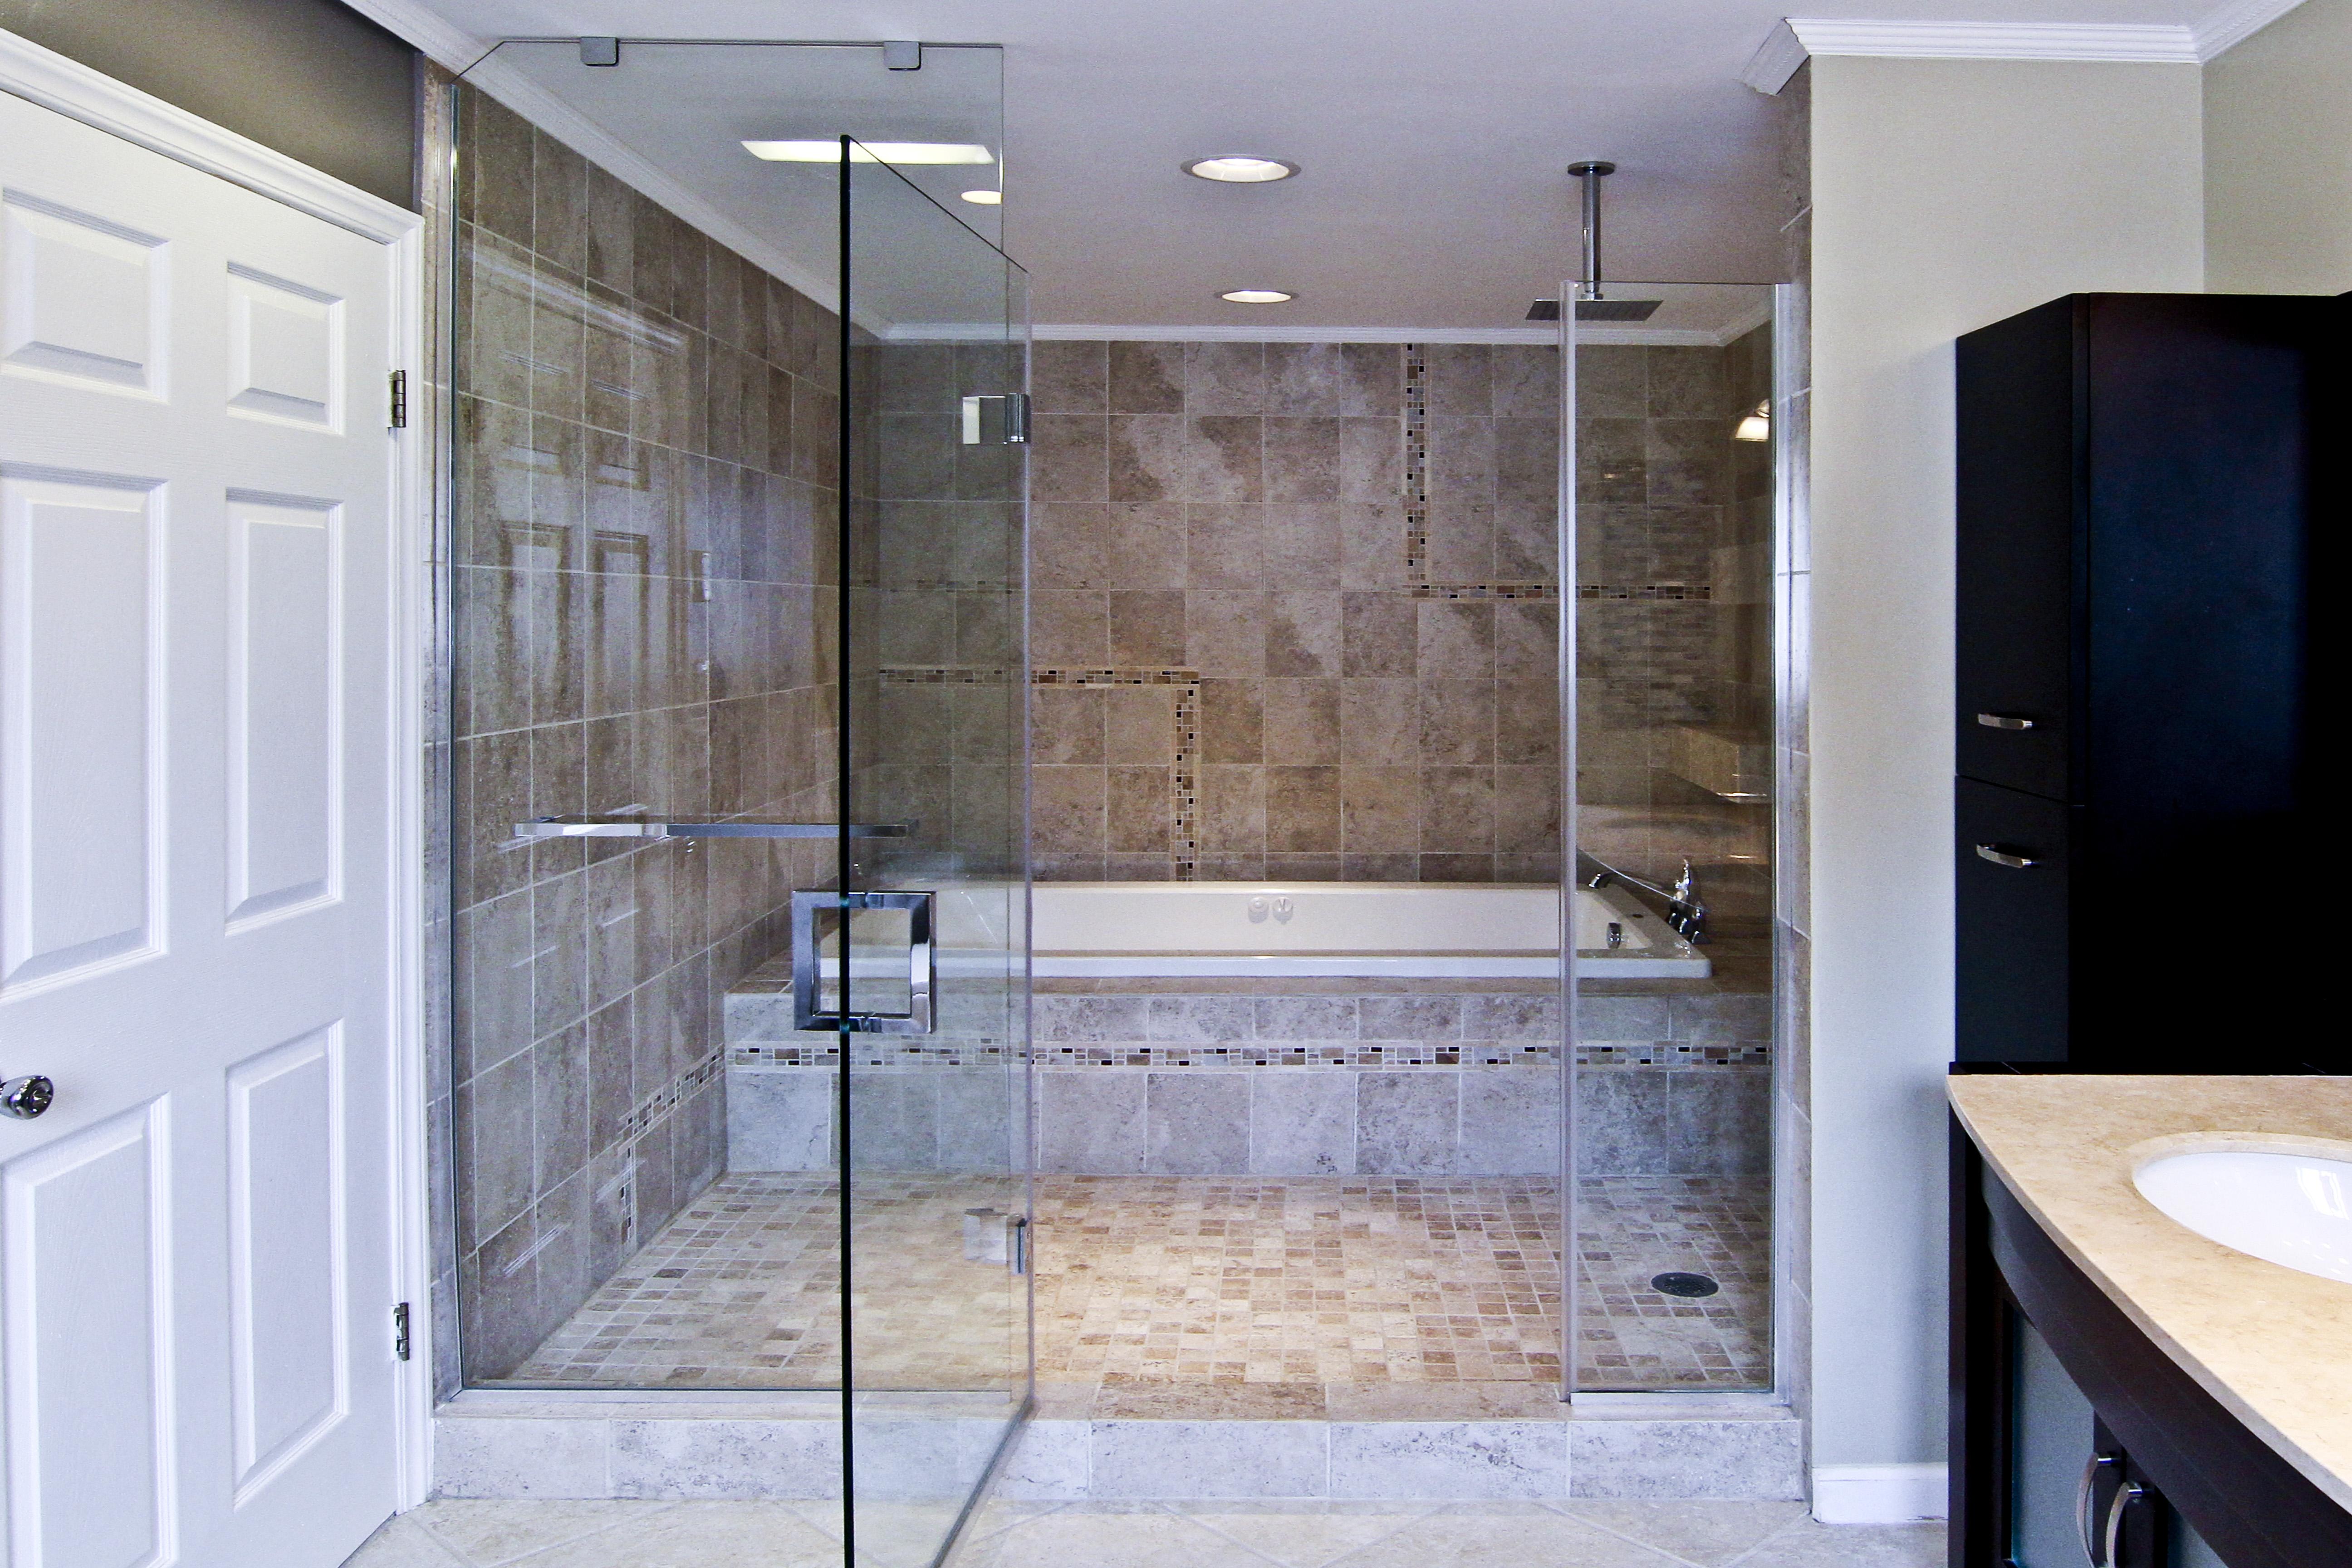 1- Frameless shower door